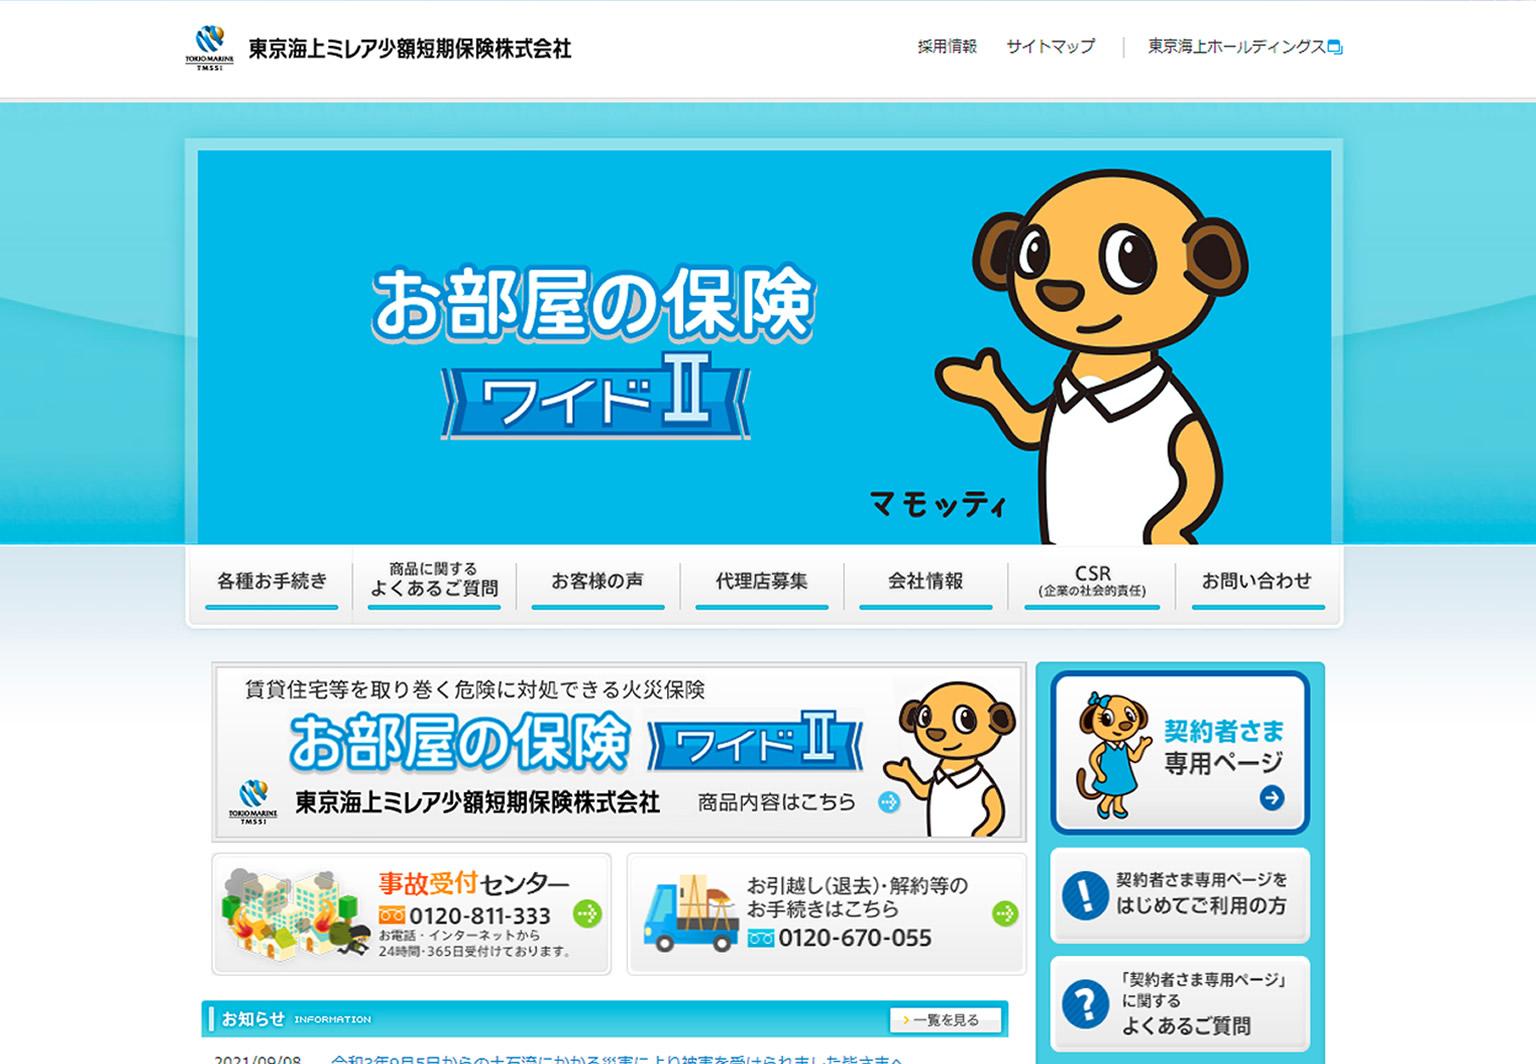 東京海上の保険